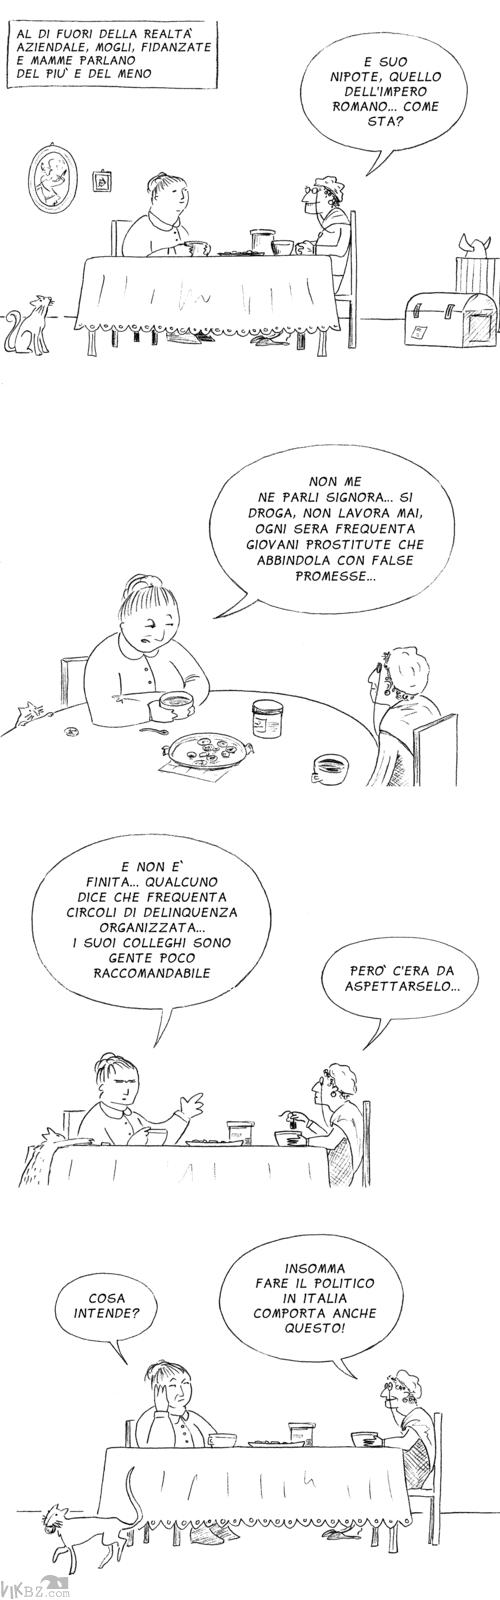 Pettegolezzi e politica a Roma